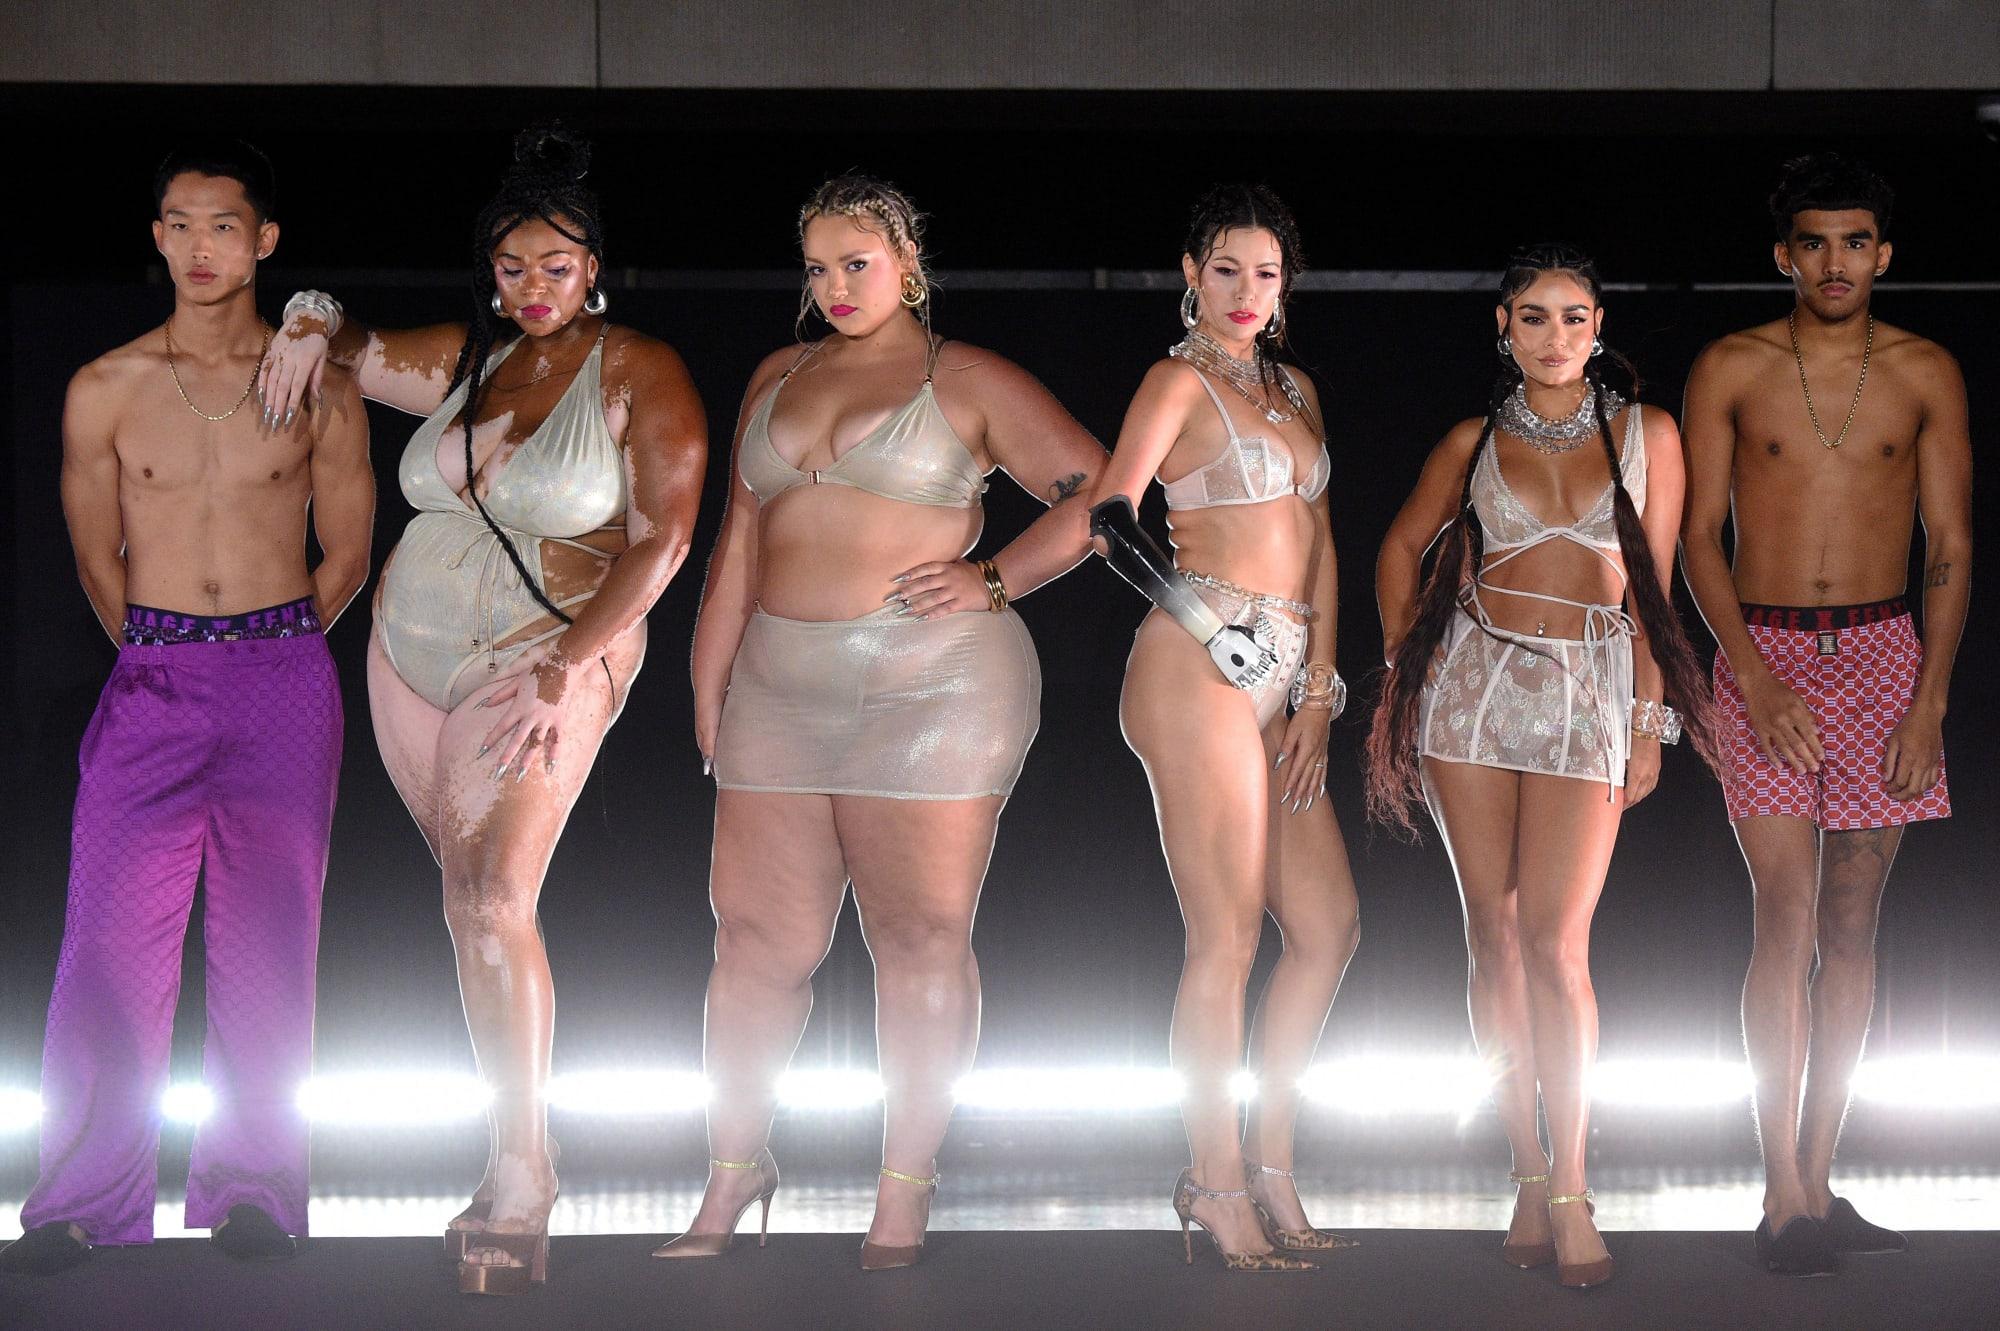 Cena do Savage X Fenty Vol. 3. Modelos posando durante o desfile, da esquerda para a direita: um homem asiatico magro usando uma calça roxa e sem camisa, uma mulher negra, gorda, com vitiligo usando box braids e um maiô prateado, uma modelo branca, gorda, loira usando um conjunto de sutiã e saia prateados, seguida por outra modelo branca, morena, com um braço robótico e usando um conjunto branco de calcinha e sutiã, a penúltima é a atriz Vanessa Hudgens, que é uma mulher branca, com tranças boxeadoras, usando um conjunto de sutiã e saia brancos e por último um modelo árabe, com um calção vermelho e rosa. Todos estão na frente de um fundo preto com uma luz horizontal branca na altura dos pés.